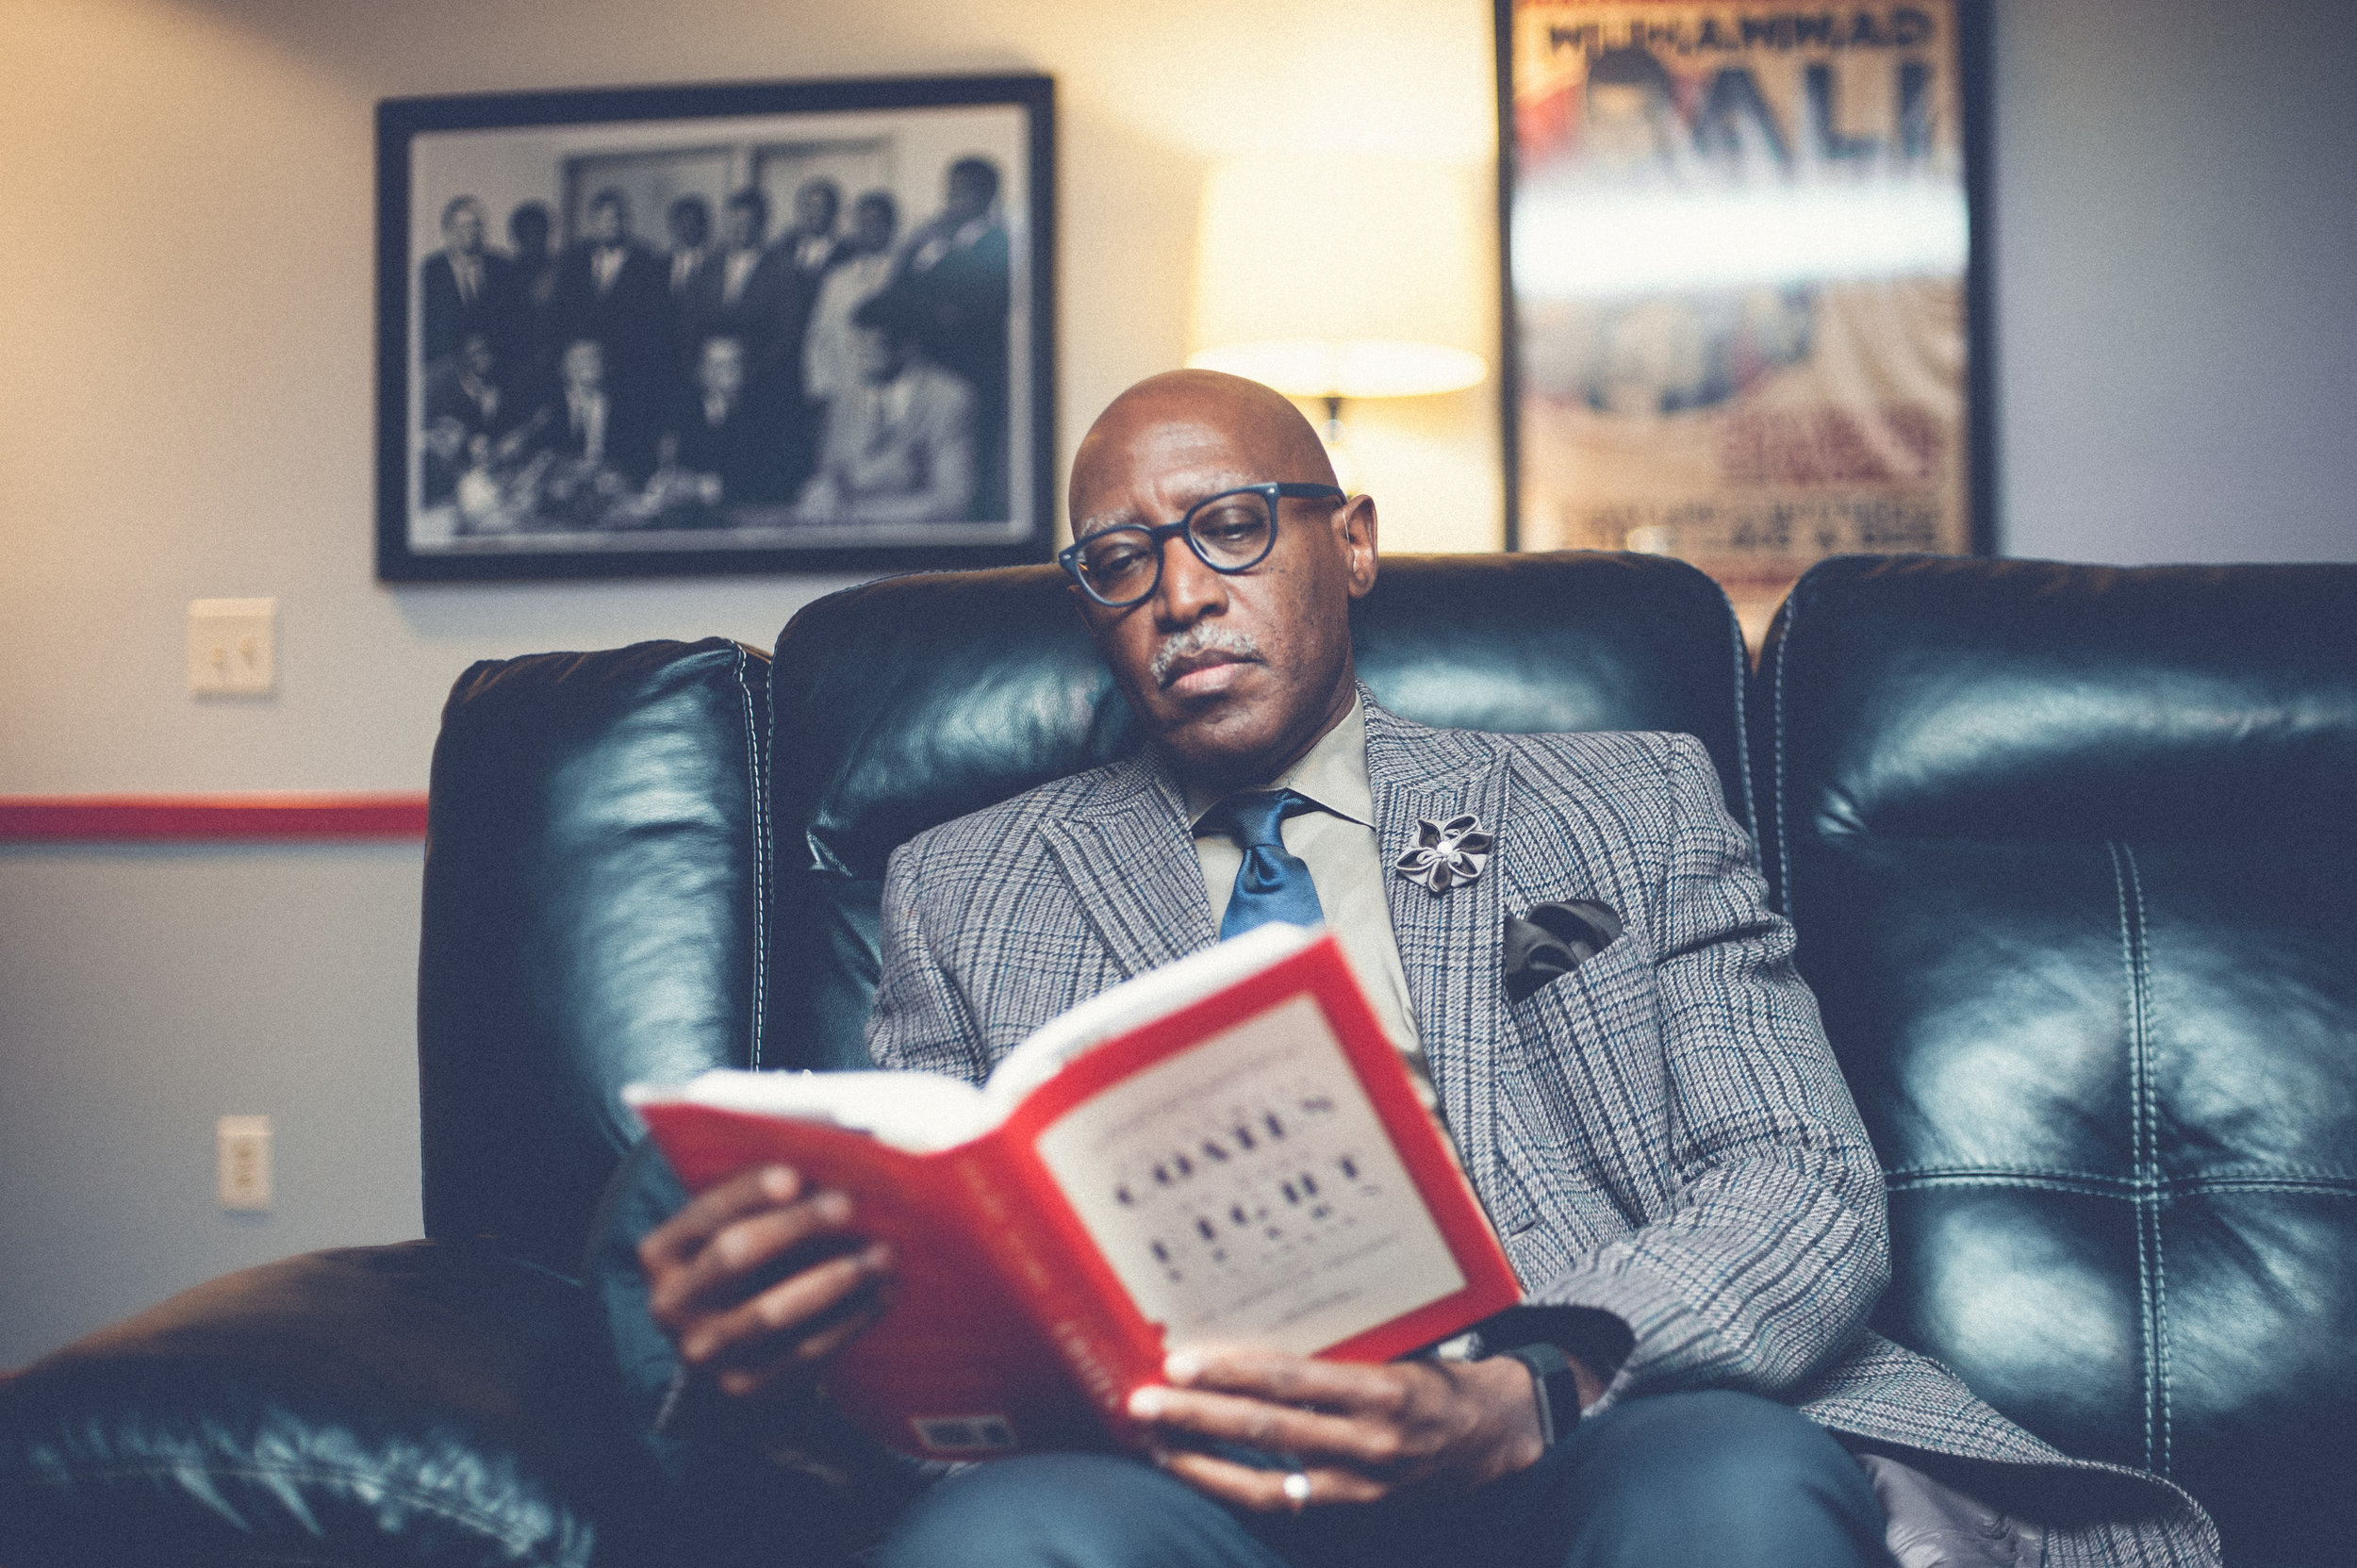 M. Carter book